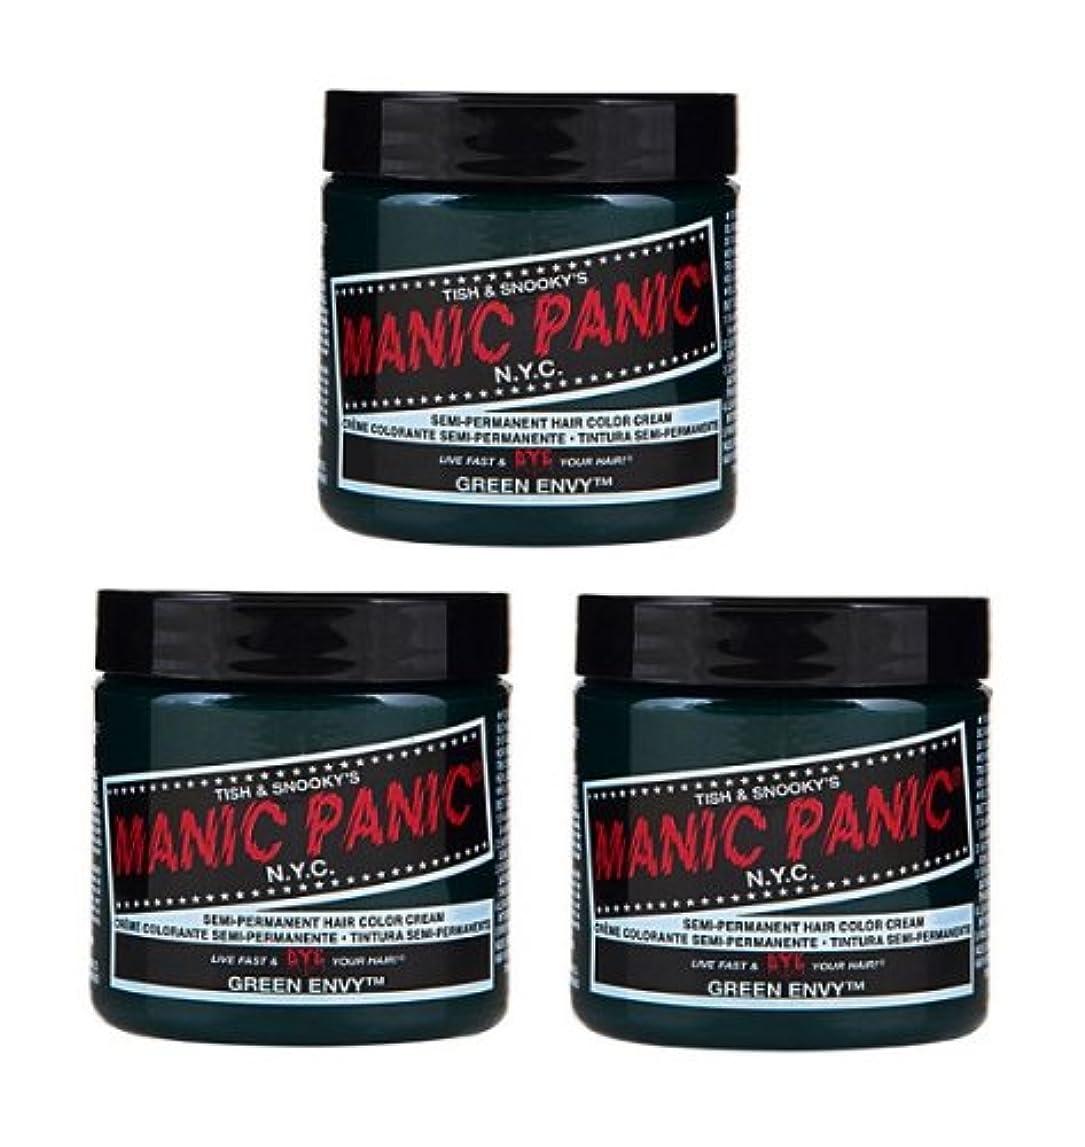 抑圧者トーンコンサルタント【3個セット】MANIC PANIC マニックパニック Green Envy グリーンエンヴィ 118ml